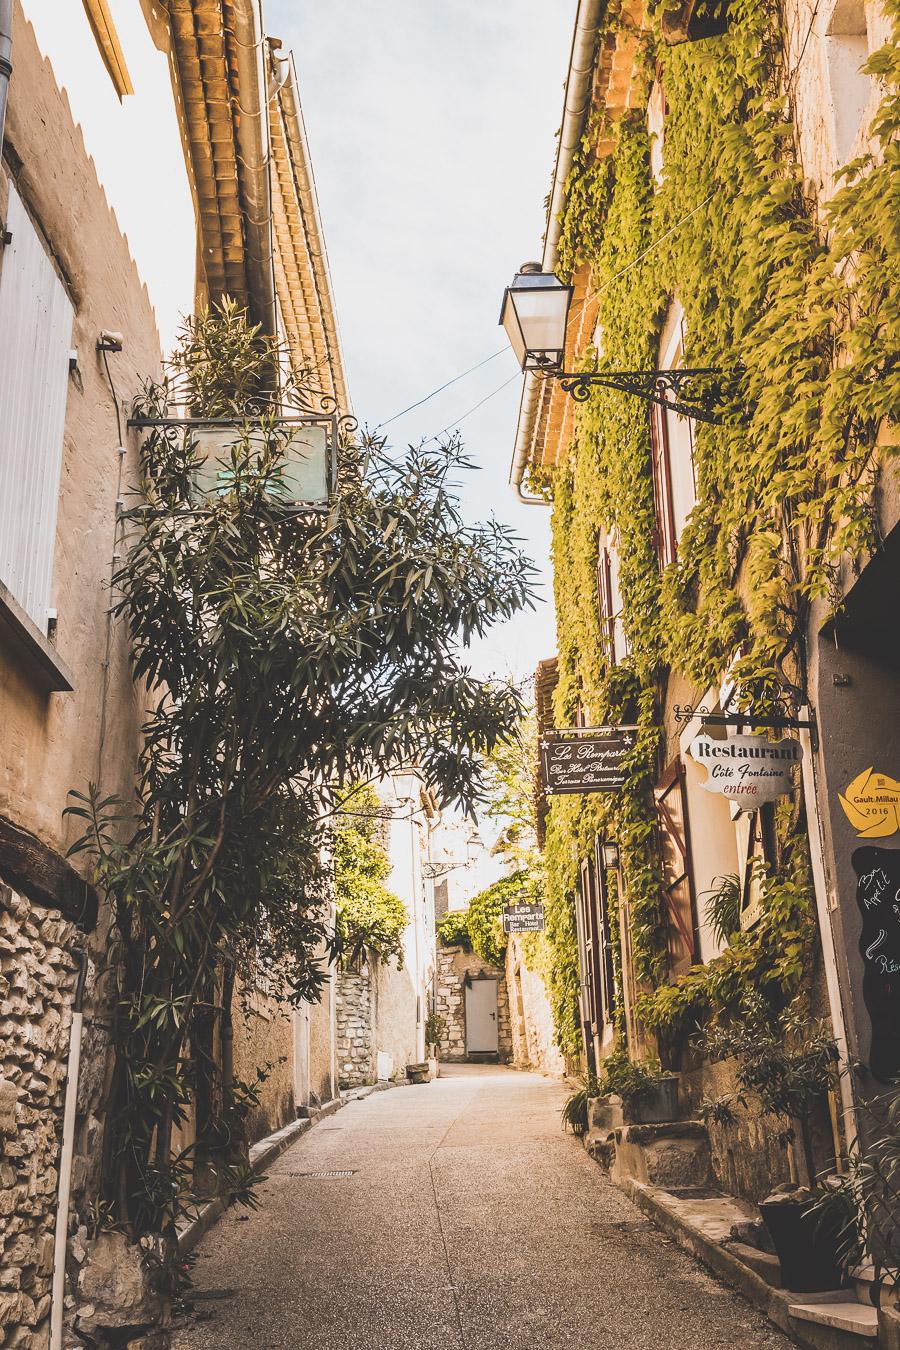 Vénasque, Plus Beau Village de France